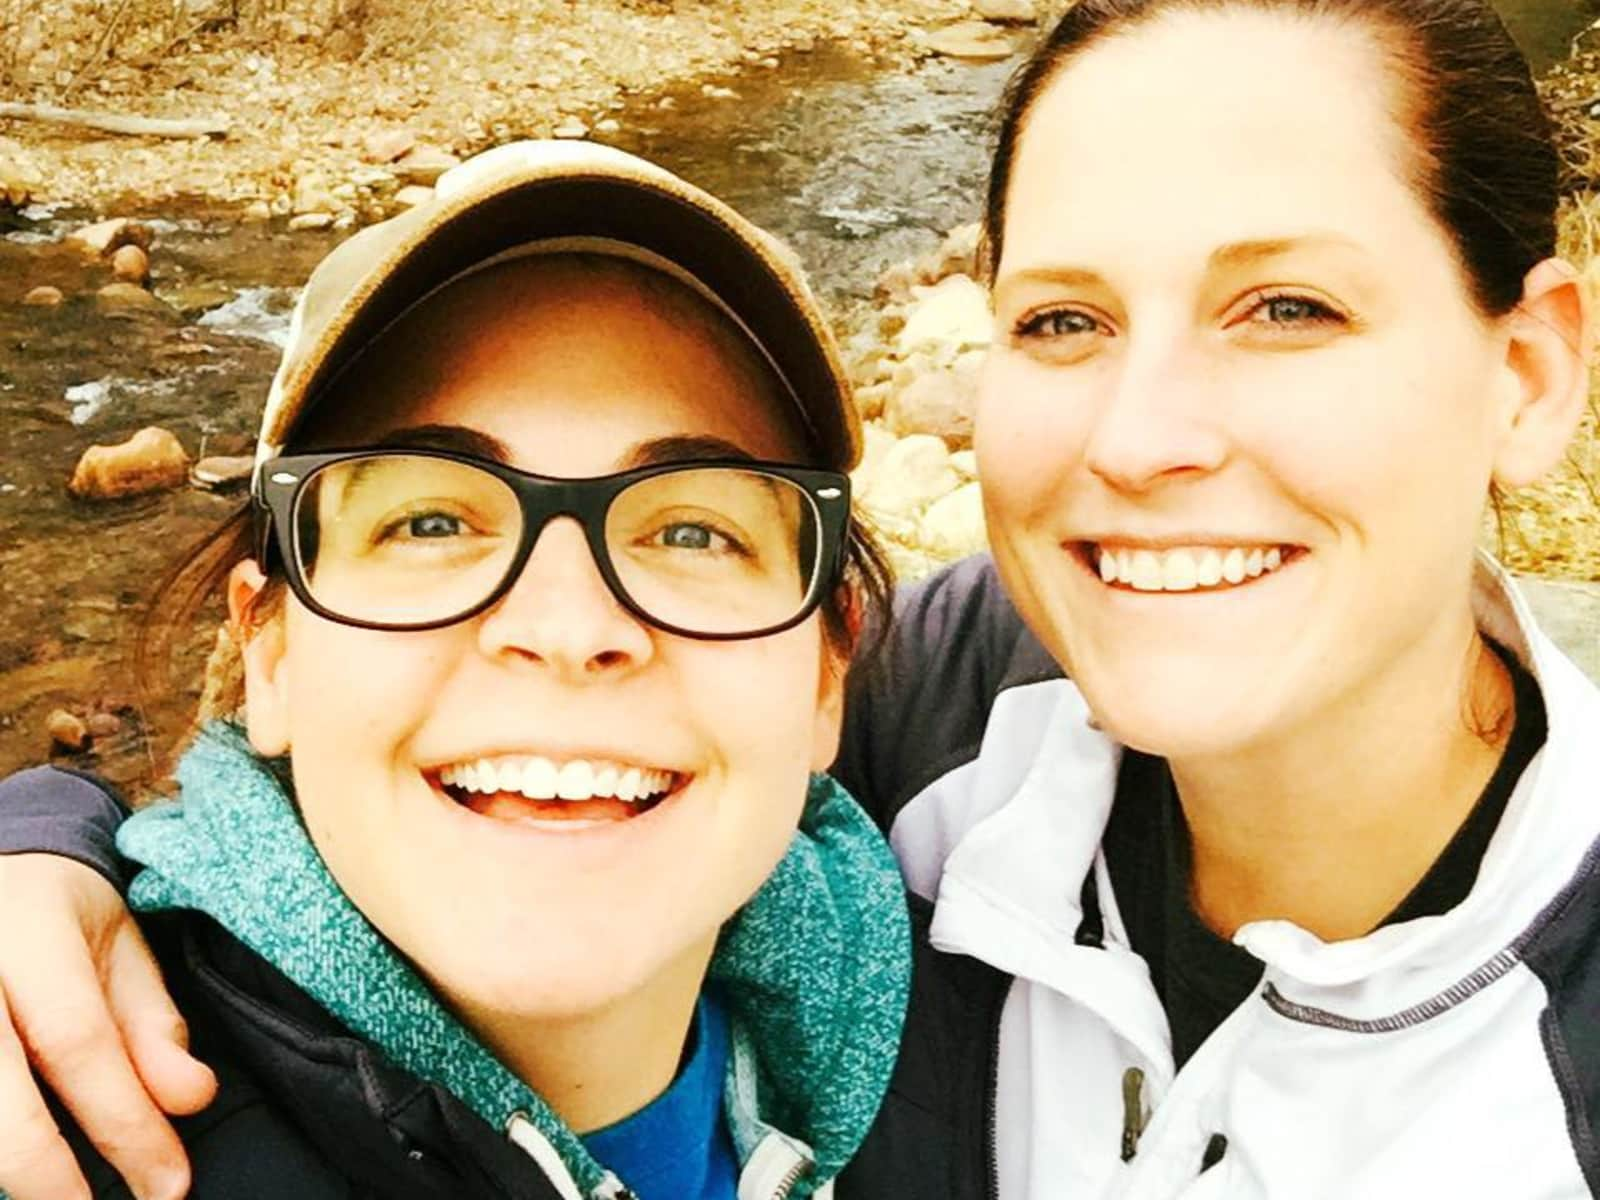 Kara & Denise from Denver, Colorado, United States